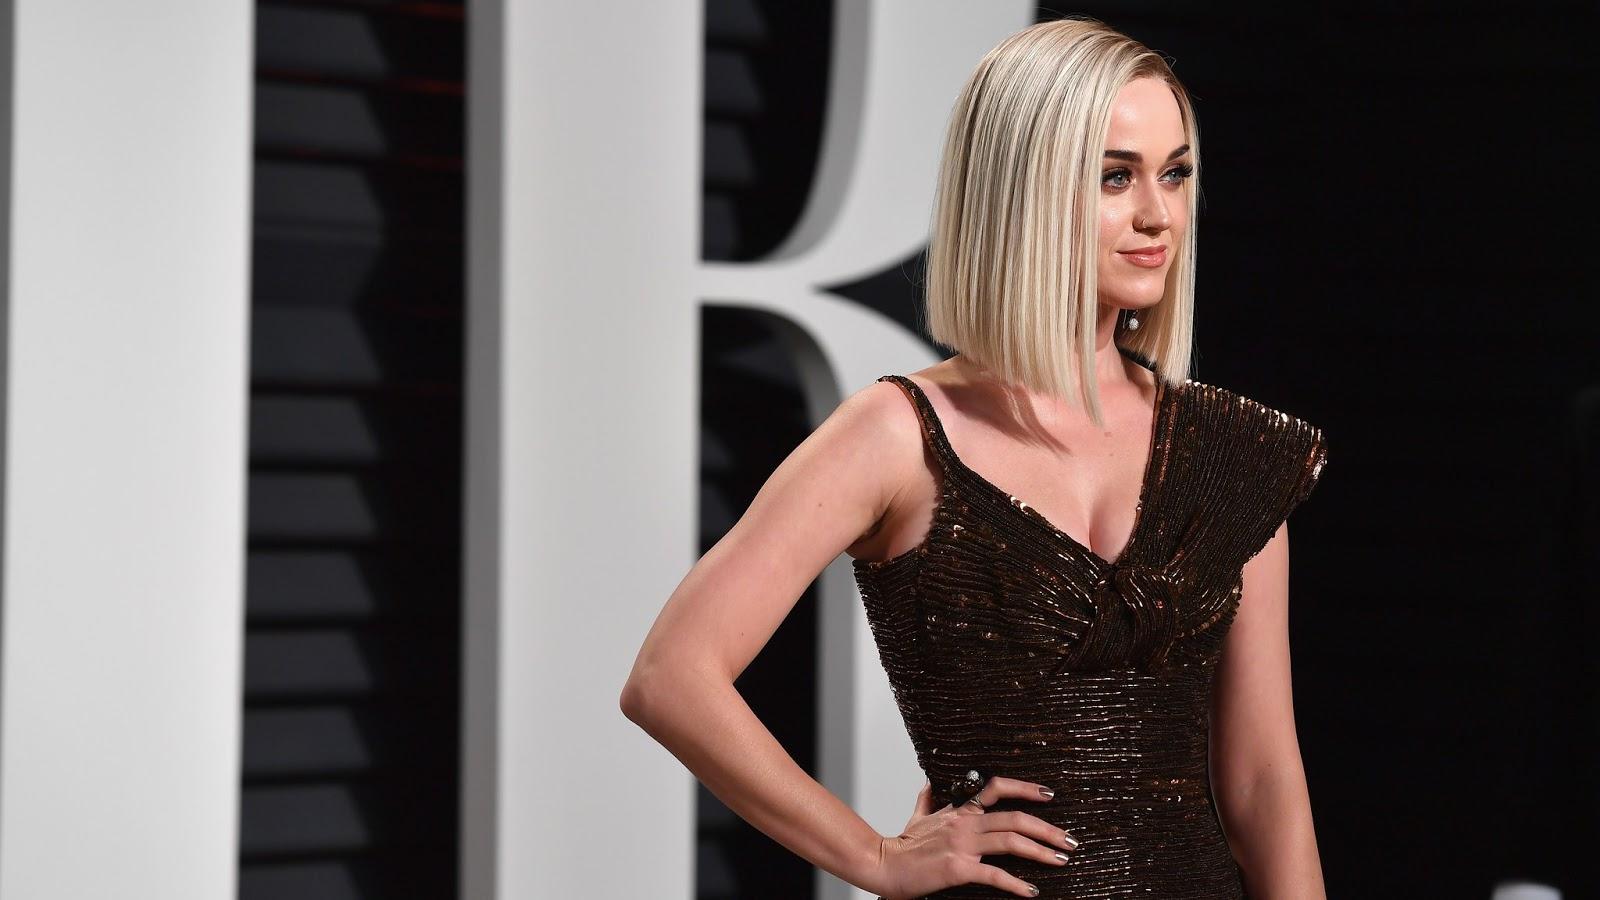 Se revela el primer Snippet de 'Bon Appetit' por Katy Perry (AUDIO)